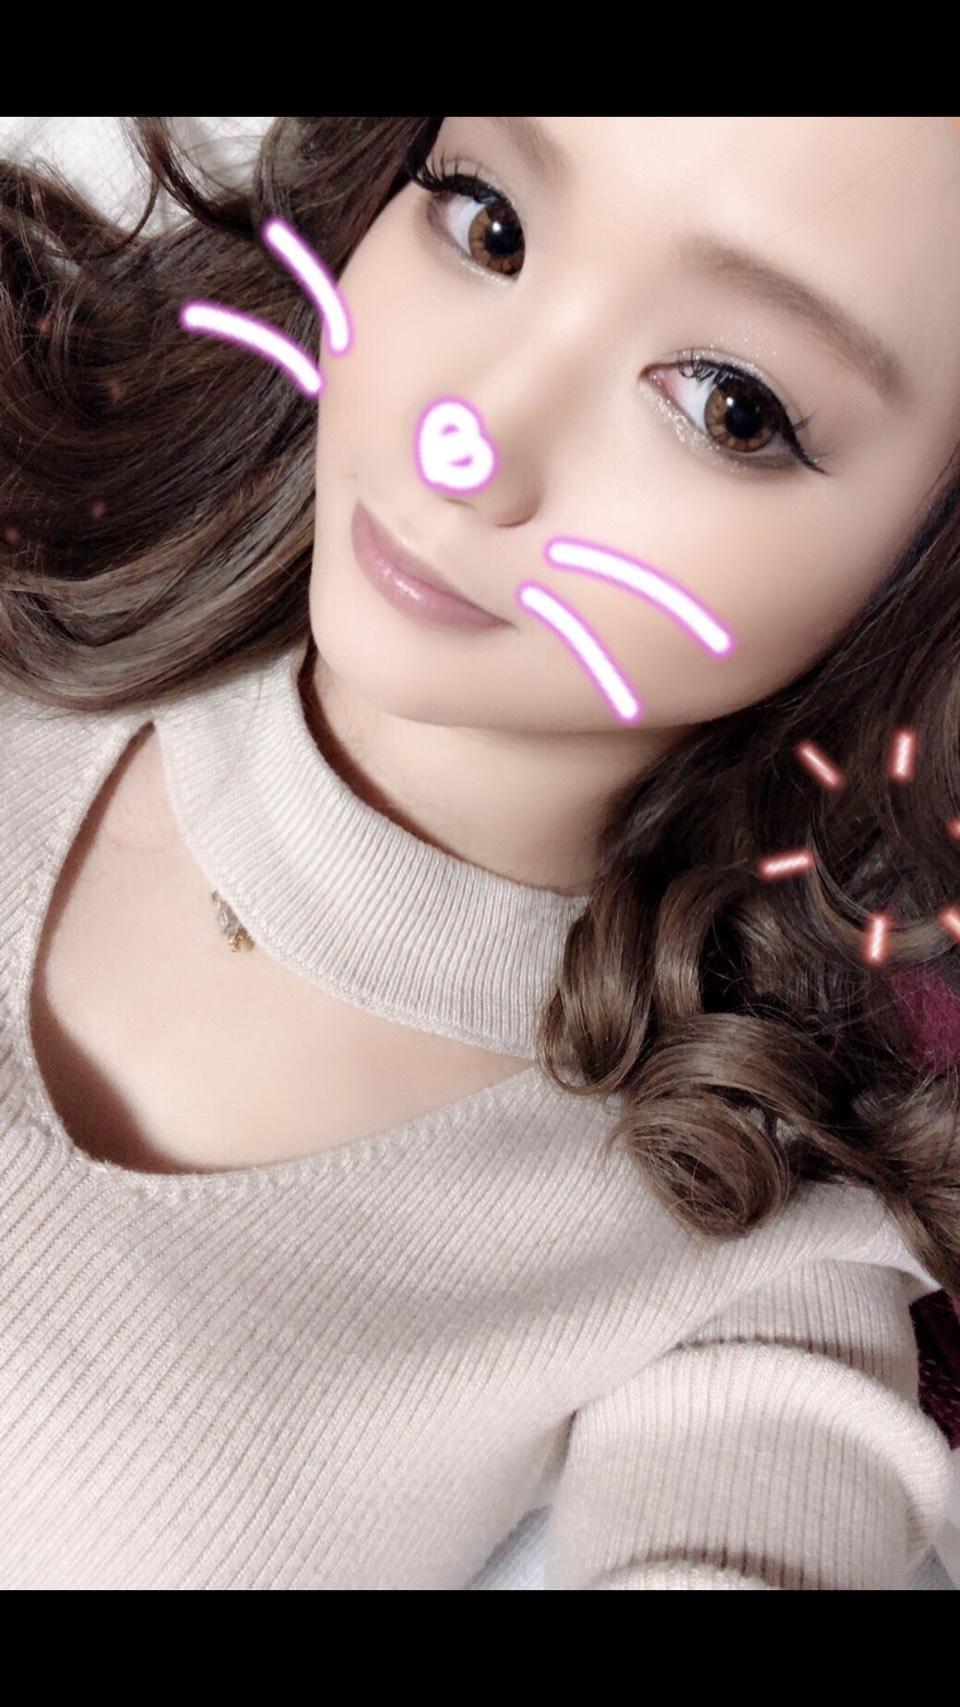 「ありがとうございました♡」09/23(09/23) 04:29   SERENAの写メ・風俗動画